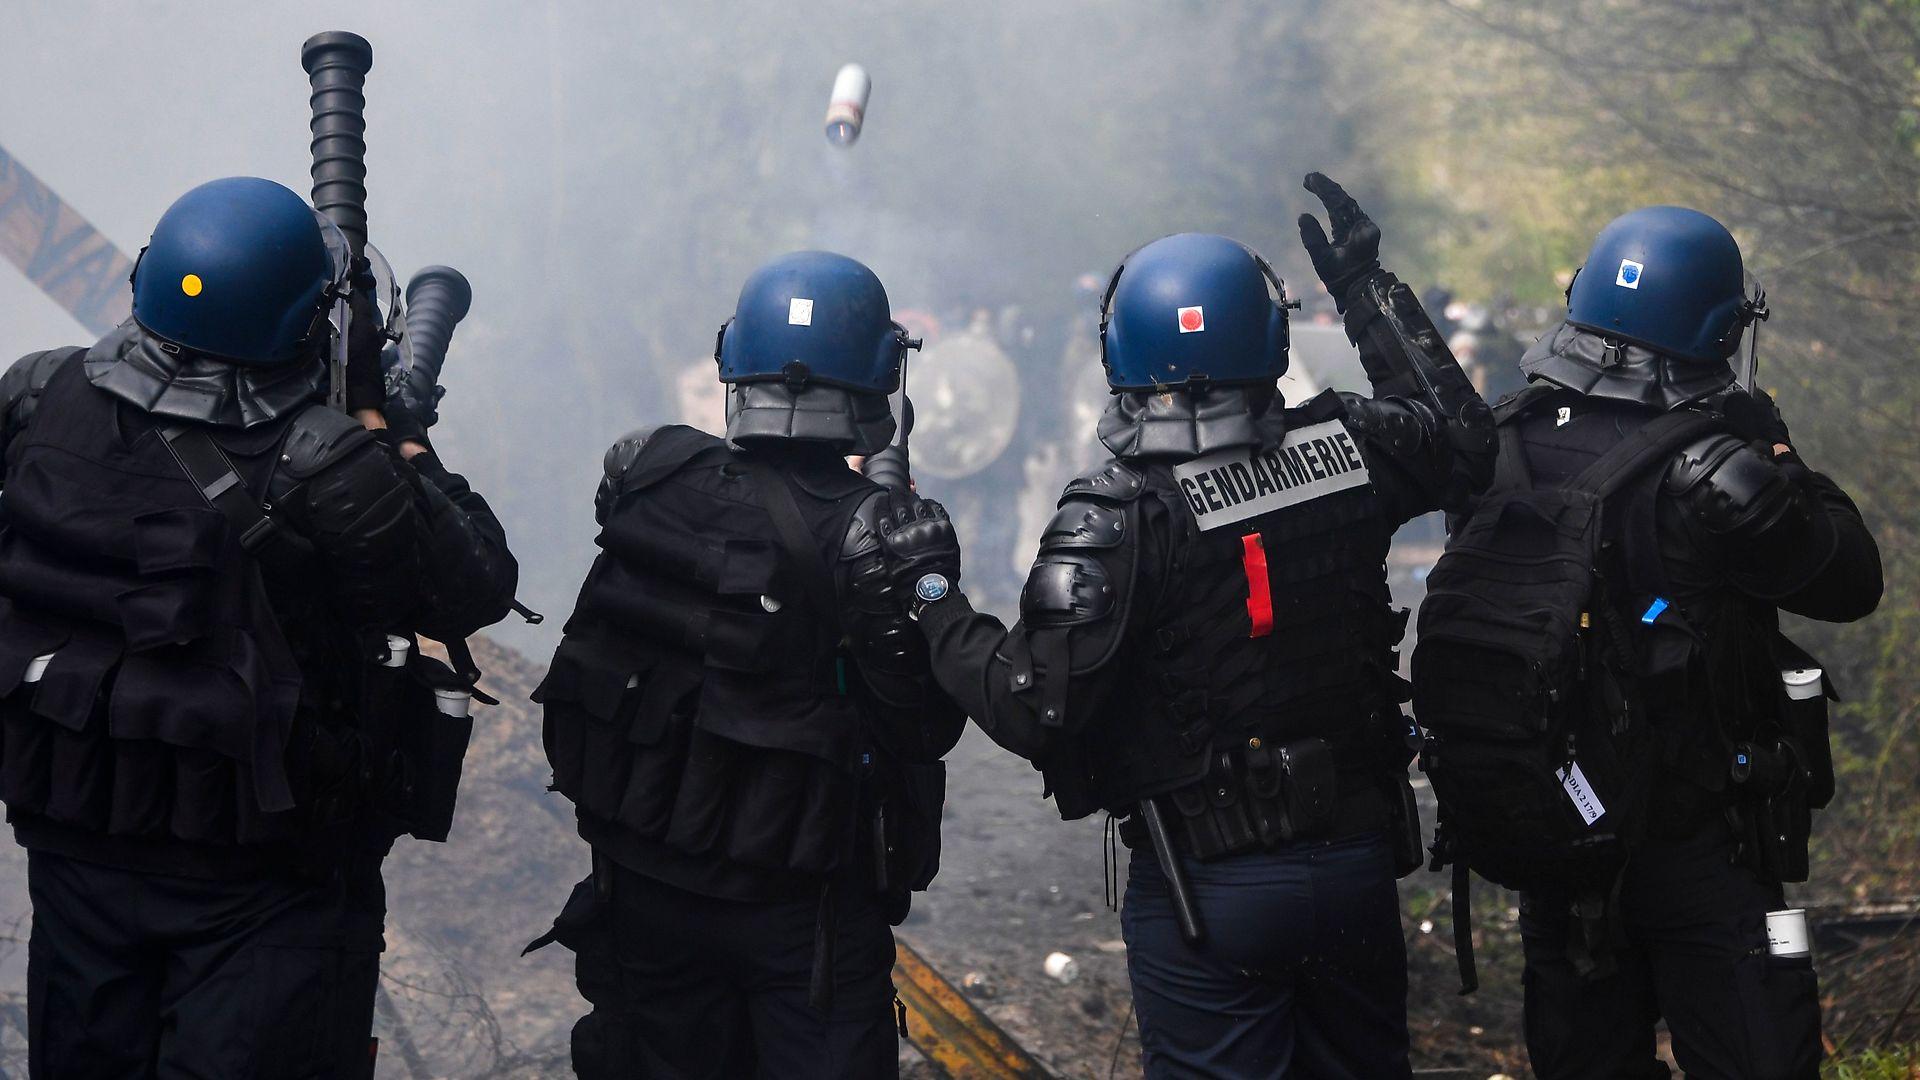 Lars Bangert Struwe: Det nye trusselsbillede kræver nye magtmidler. En mellemting mellem politi og militær – et gendarmeri – er nøglen